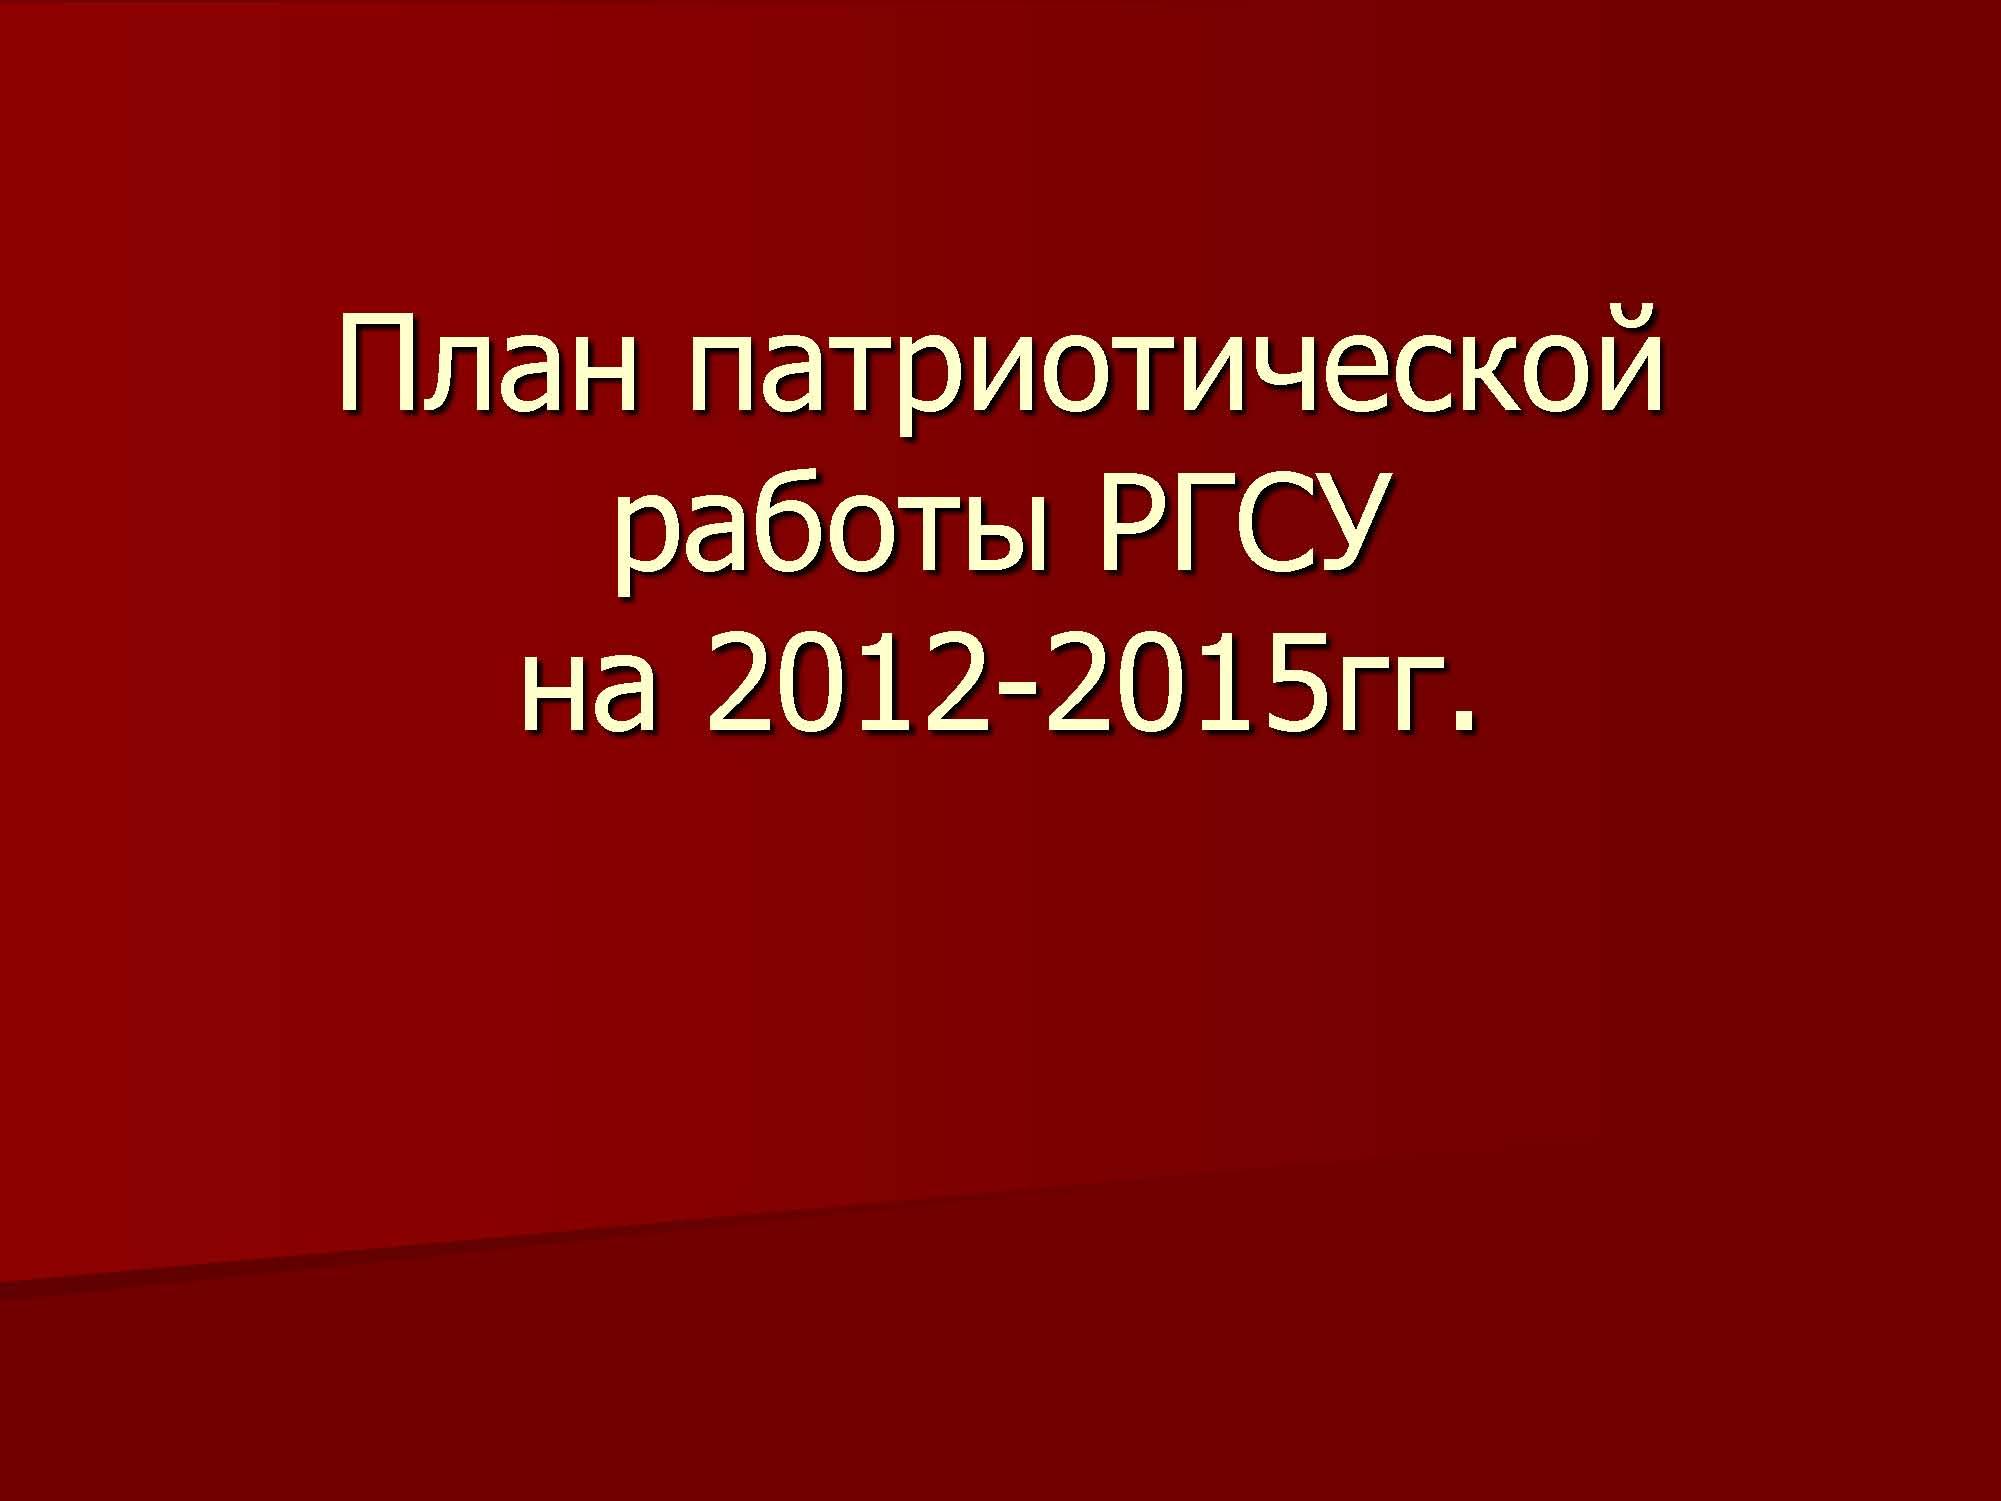 rgsy_page_01